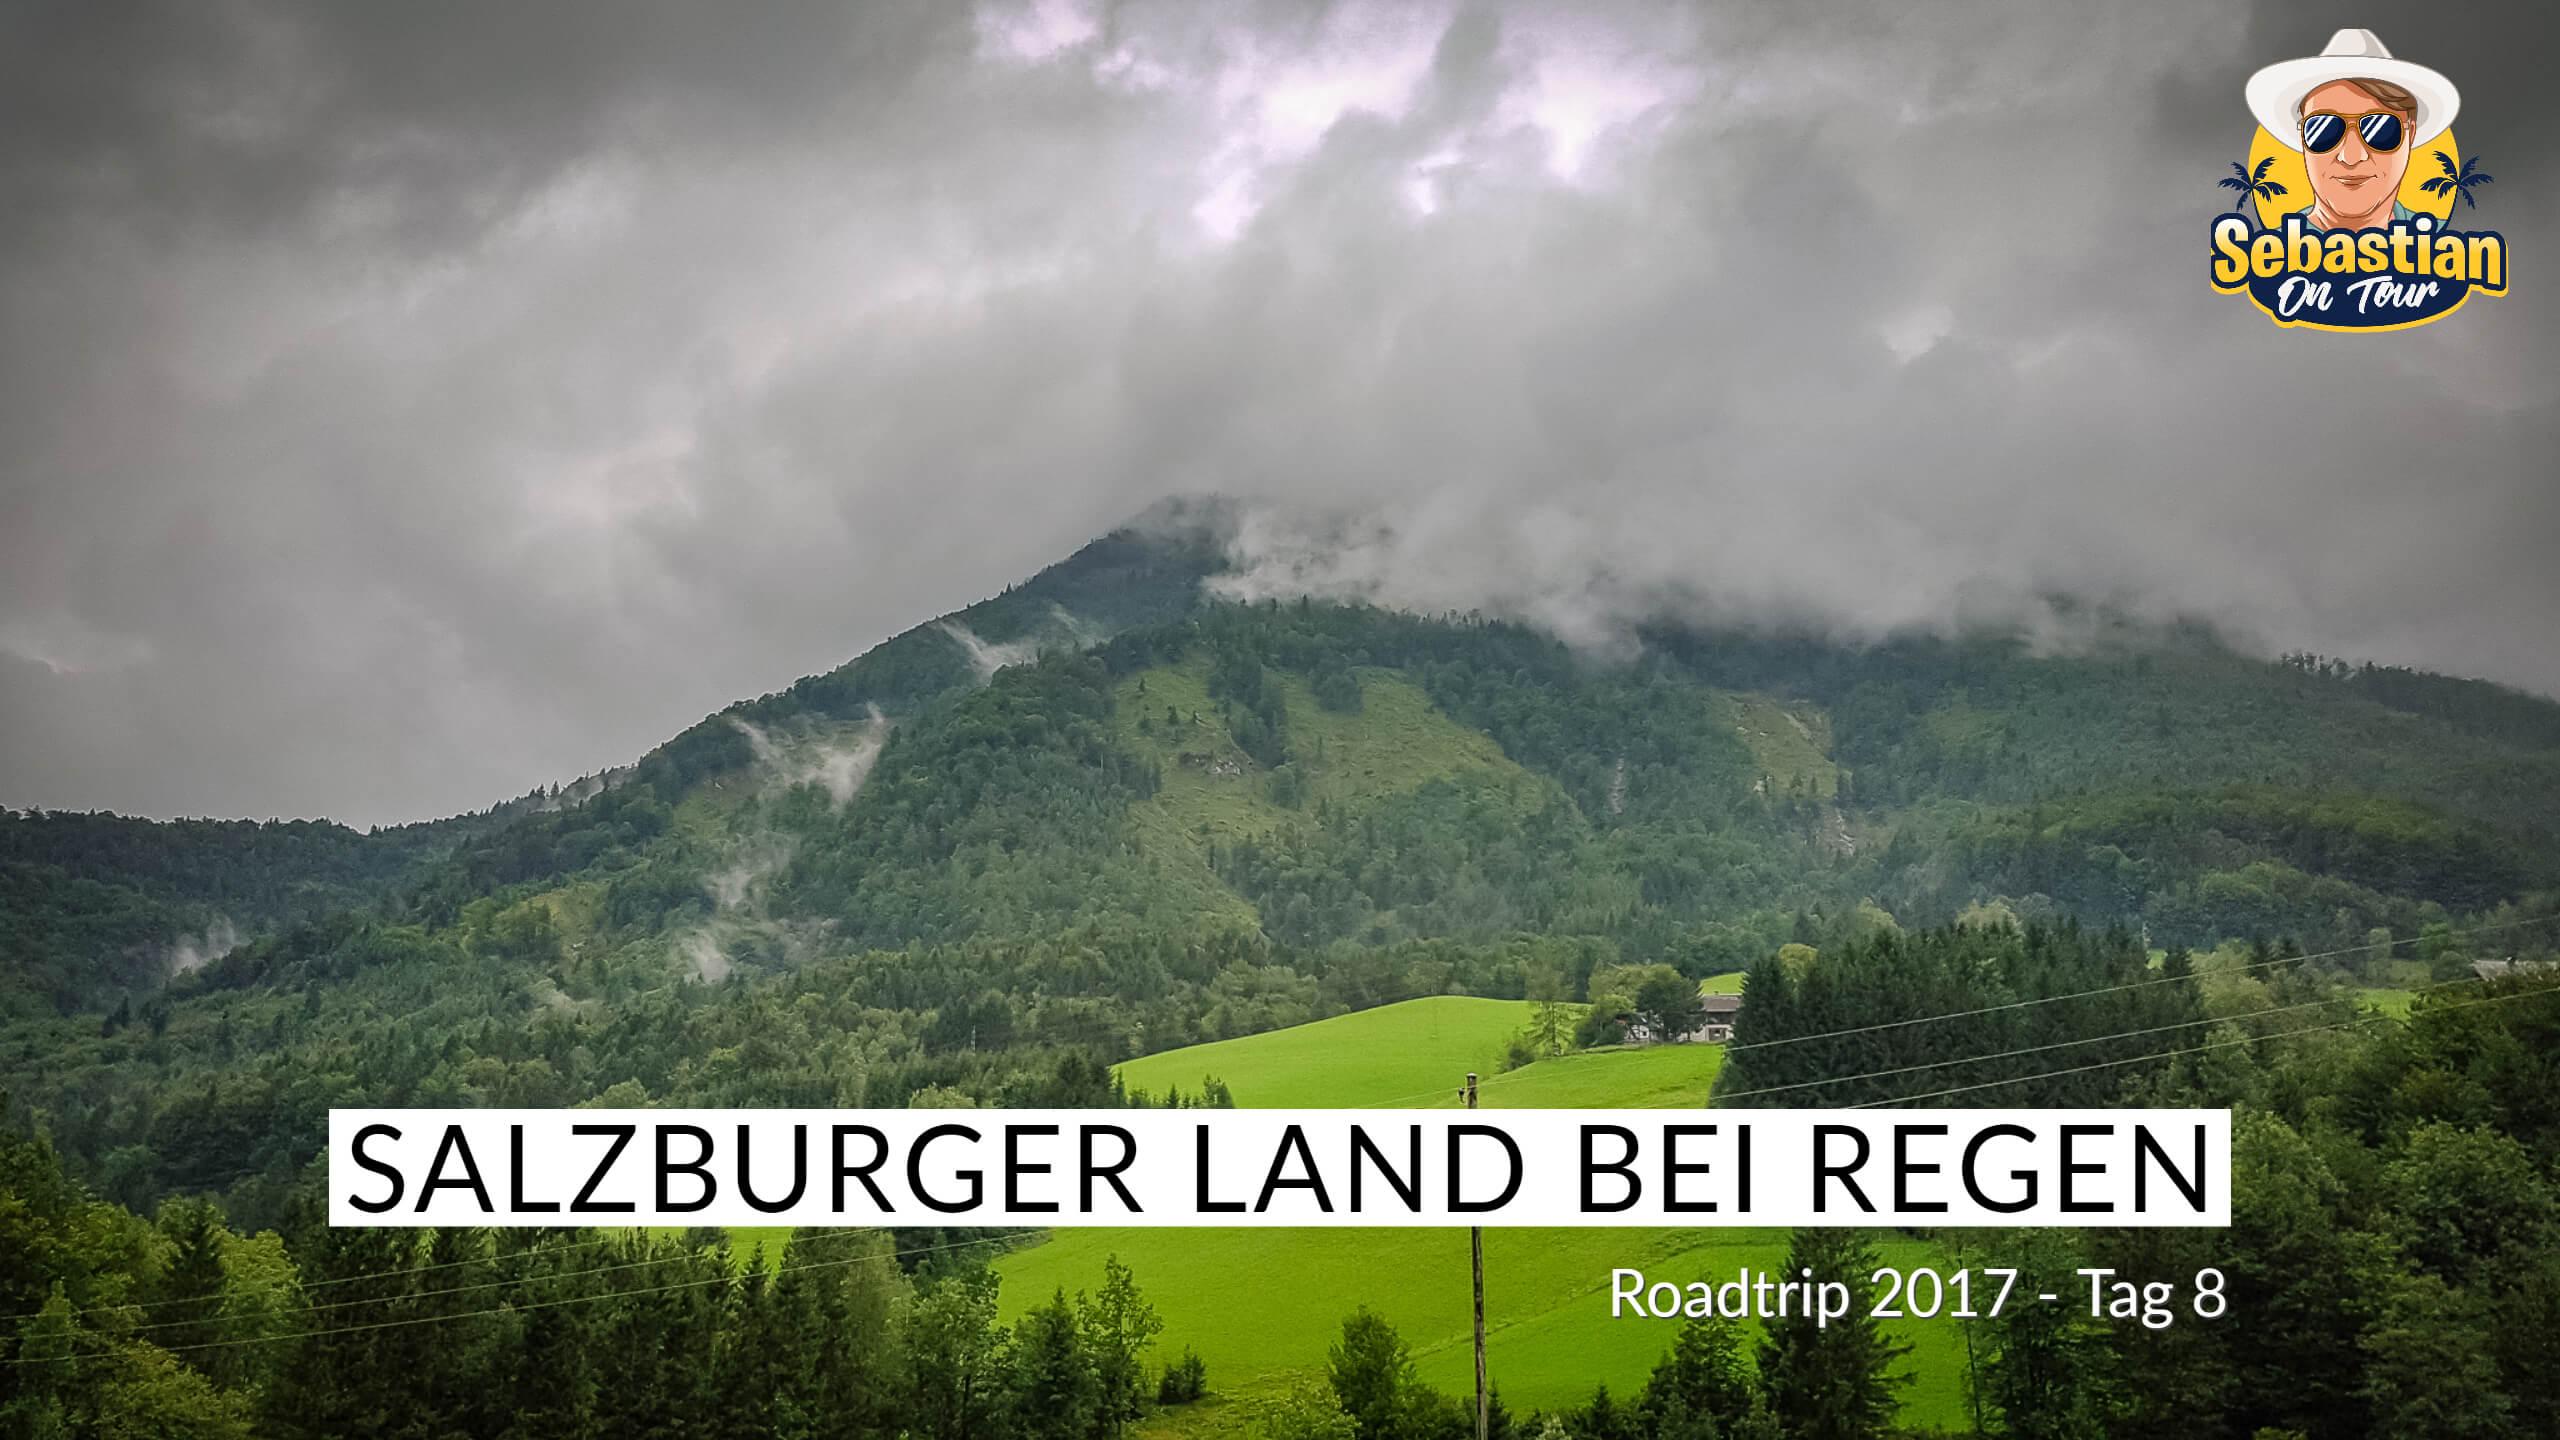 Salzburger Land bei Regen - Cabrio Tour 2017 - Tag 8